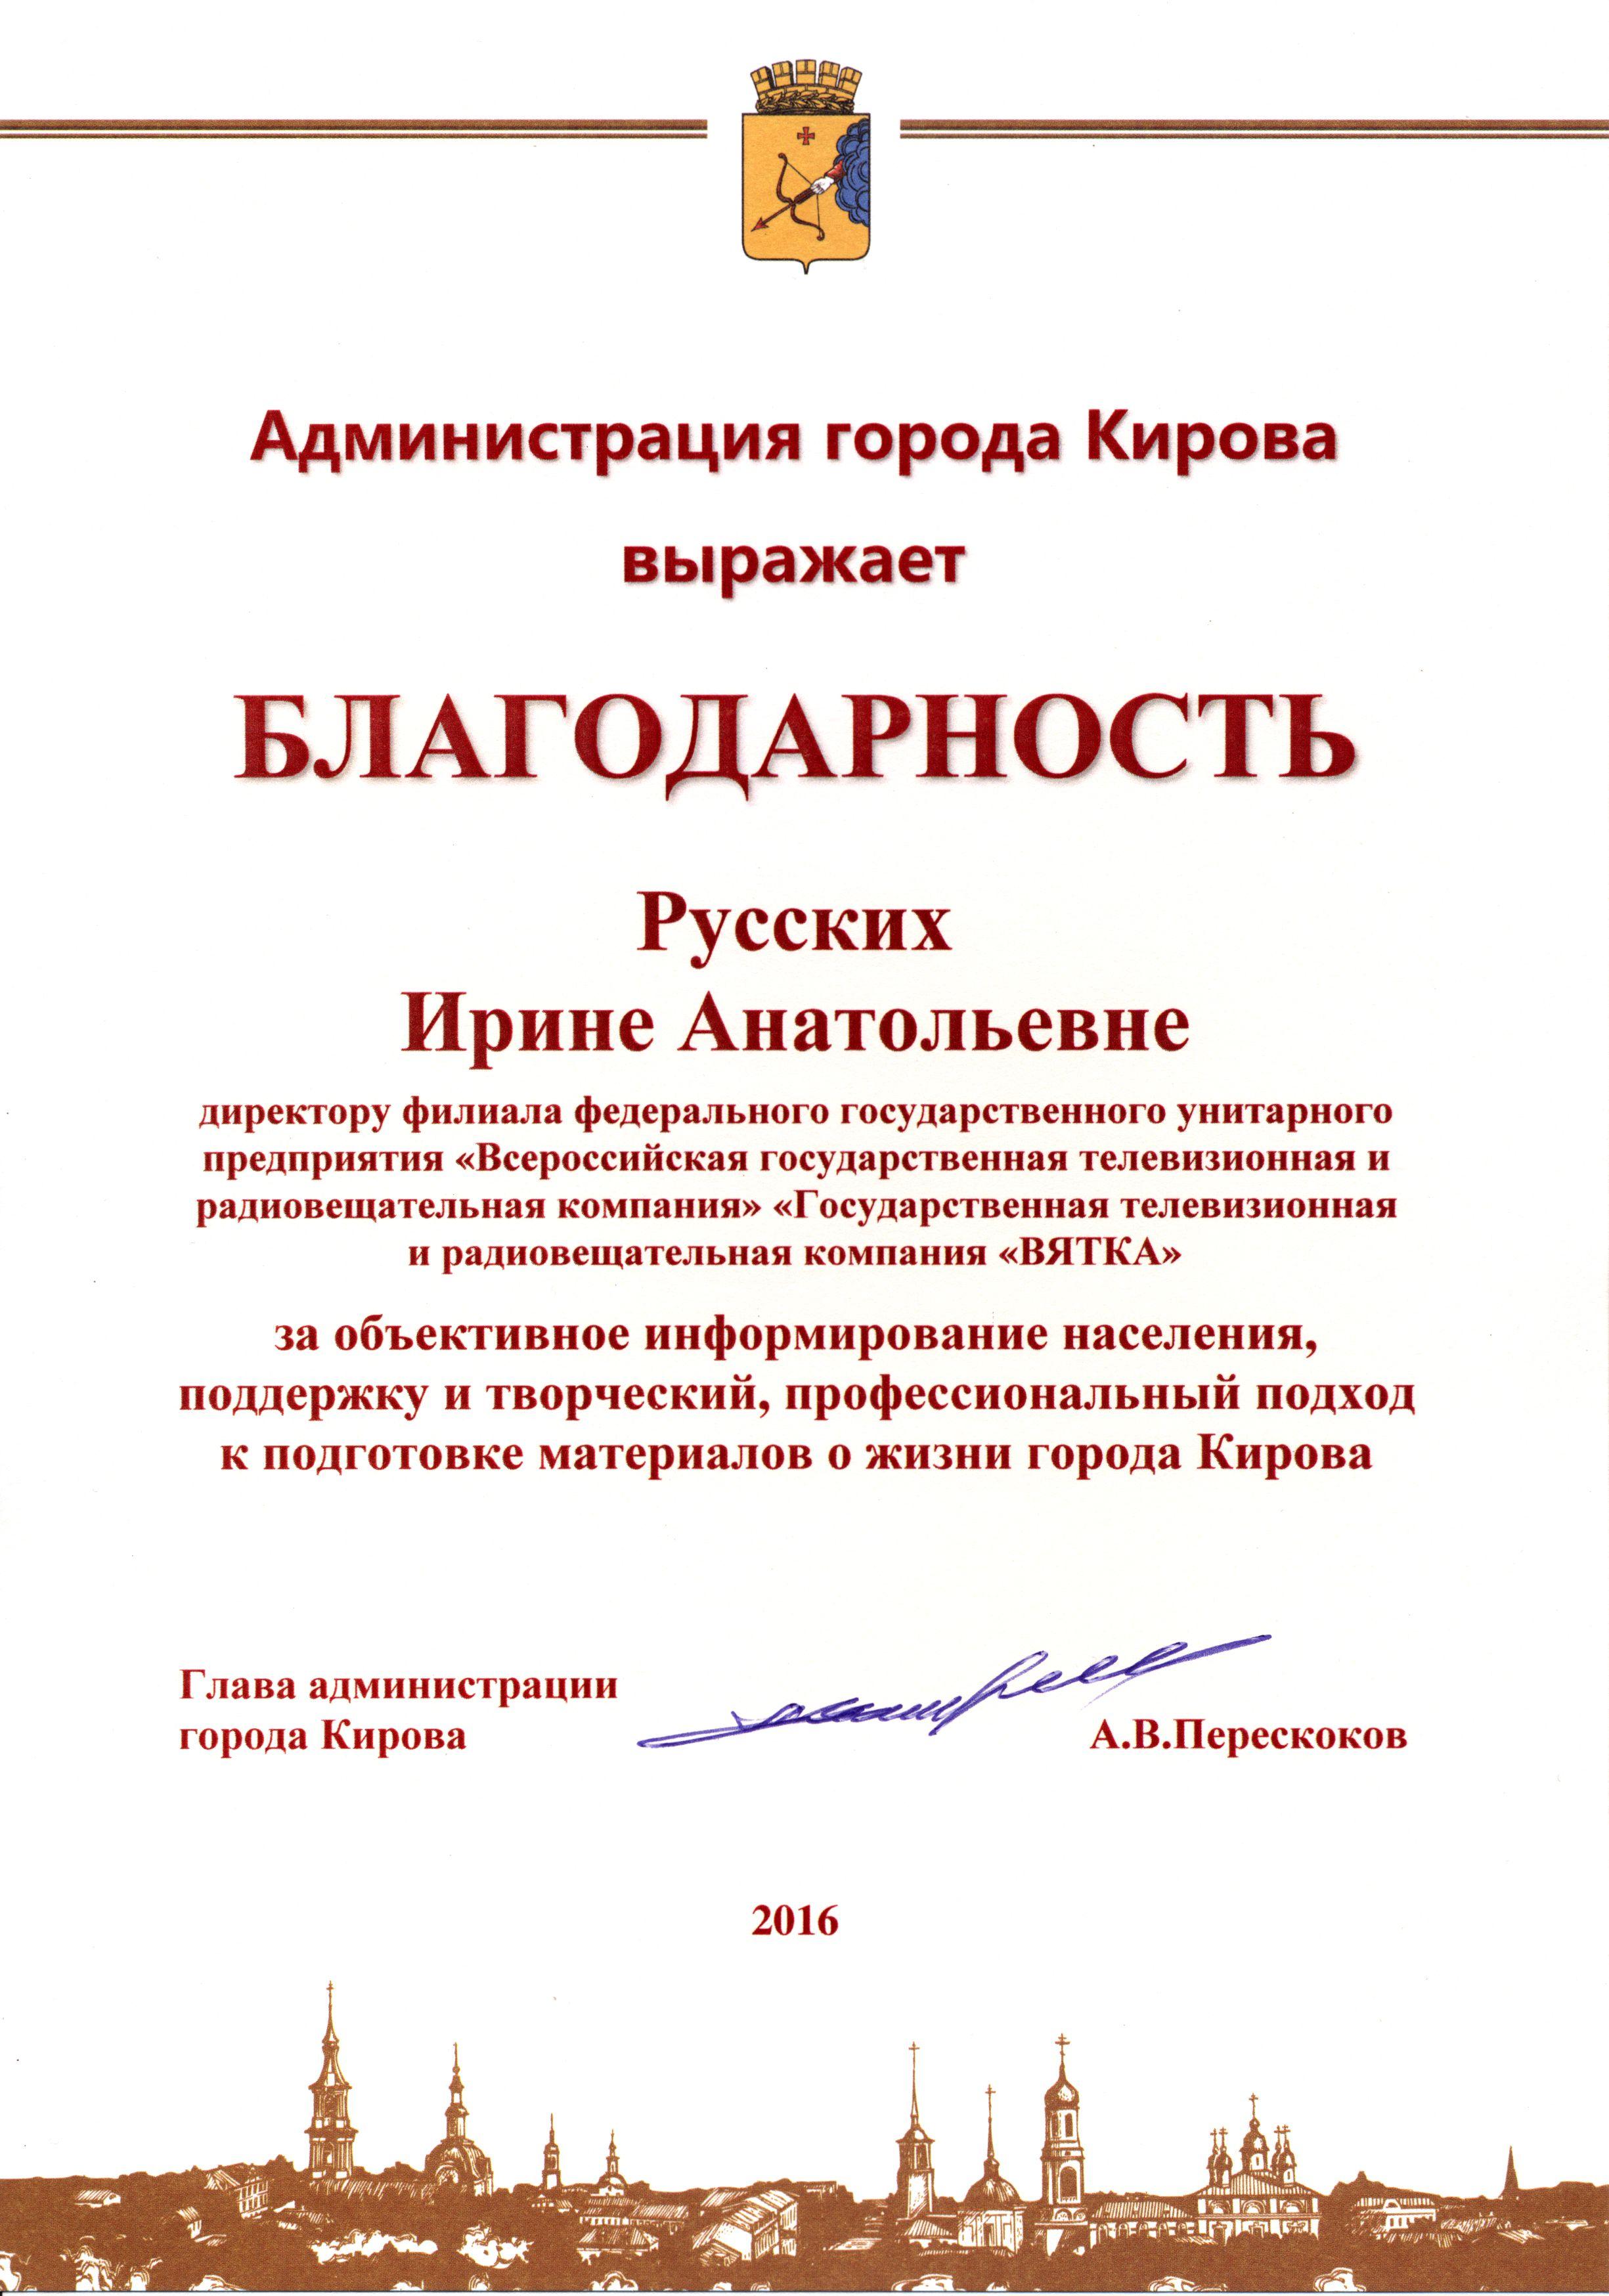 ГТРК «ВЯТКА» с наградой от руководства города Кирова